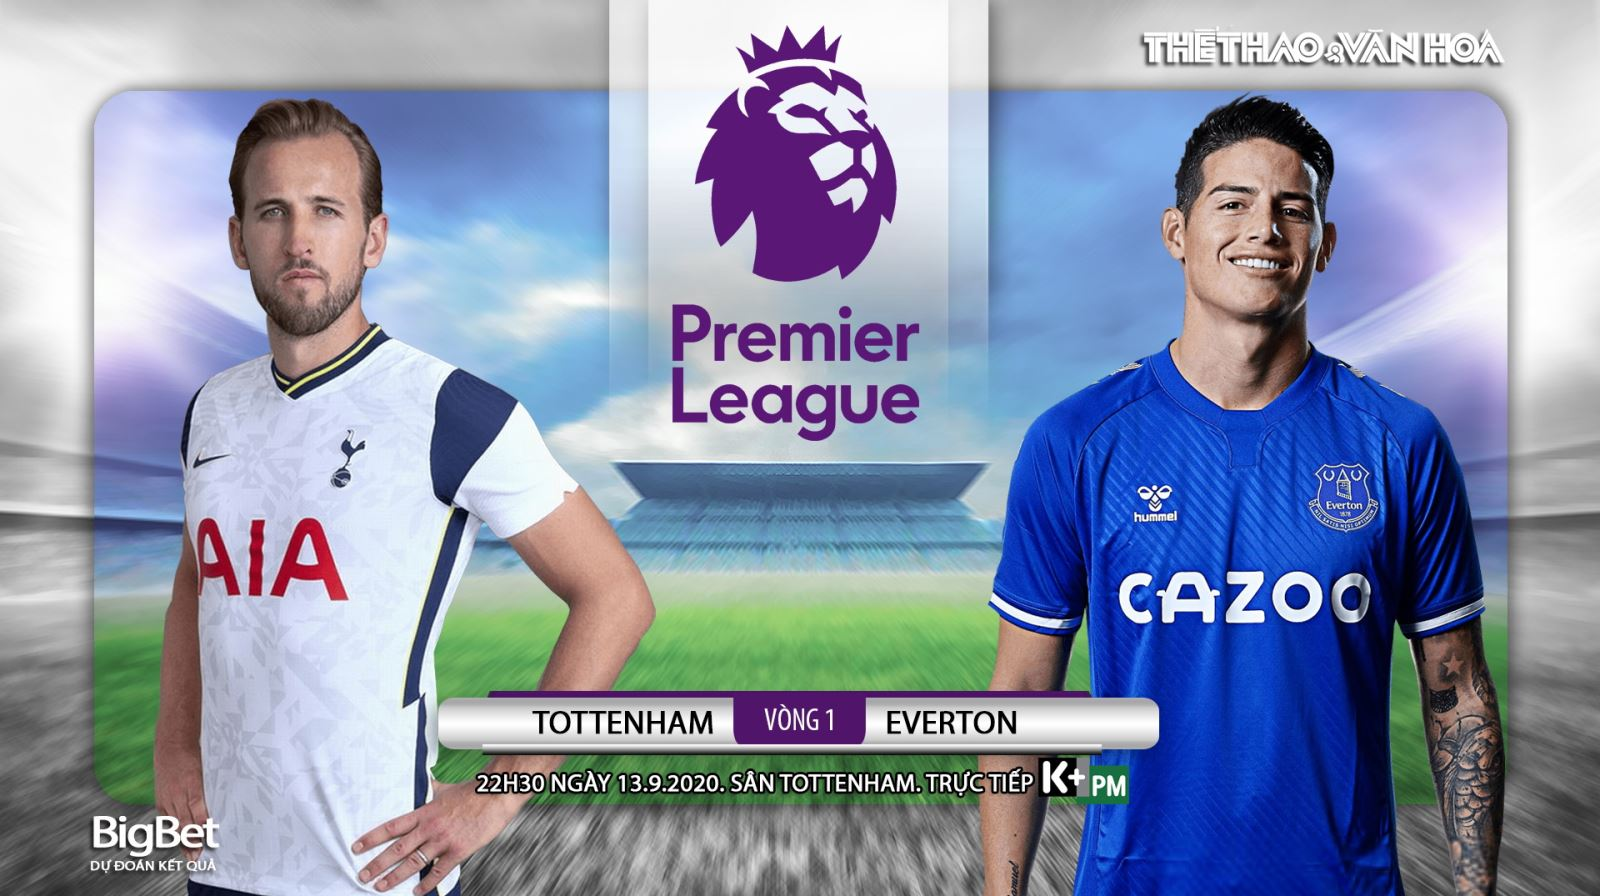 Soi kèo bóng đá. Tottenham vsEverton. Vòng 1 Ngoại hạng Anh. Trực tiếp K+PM